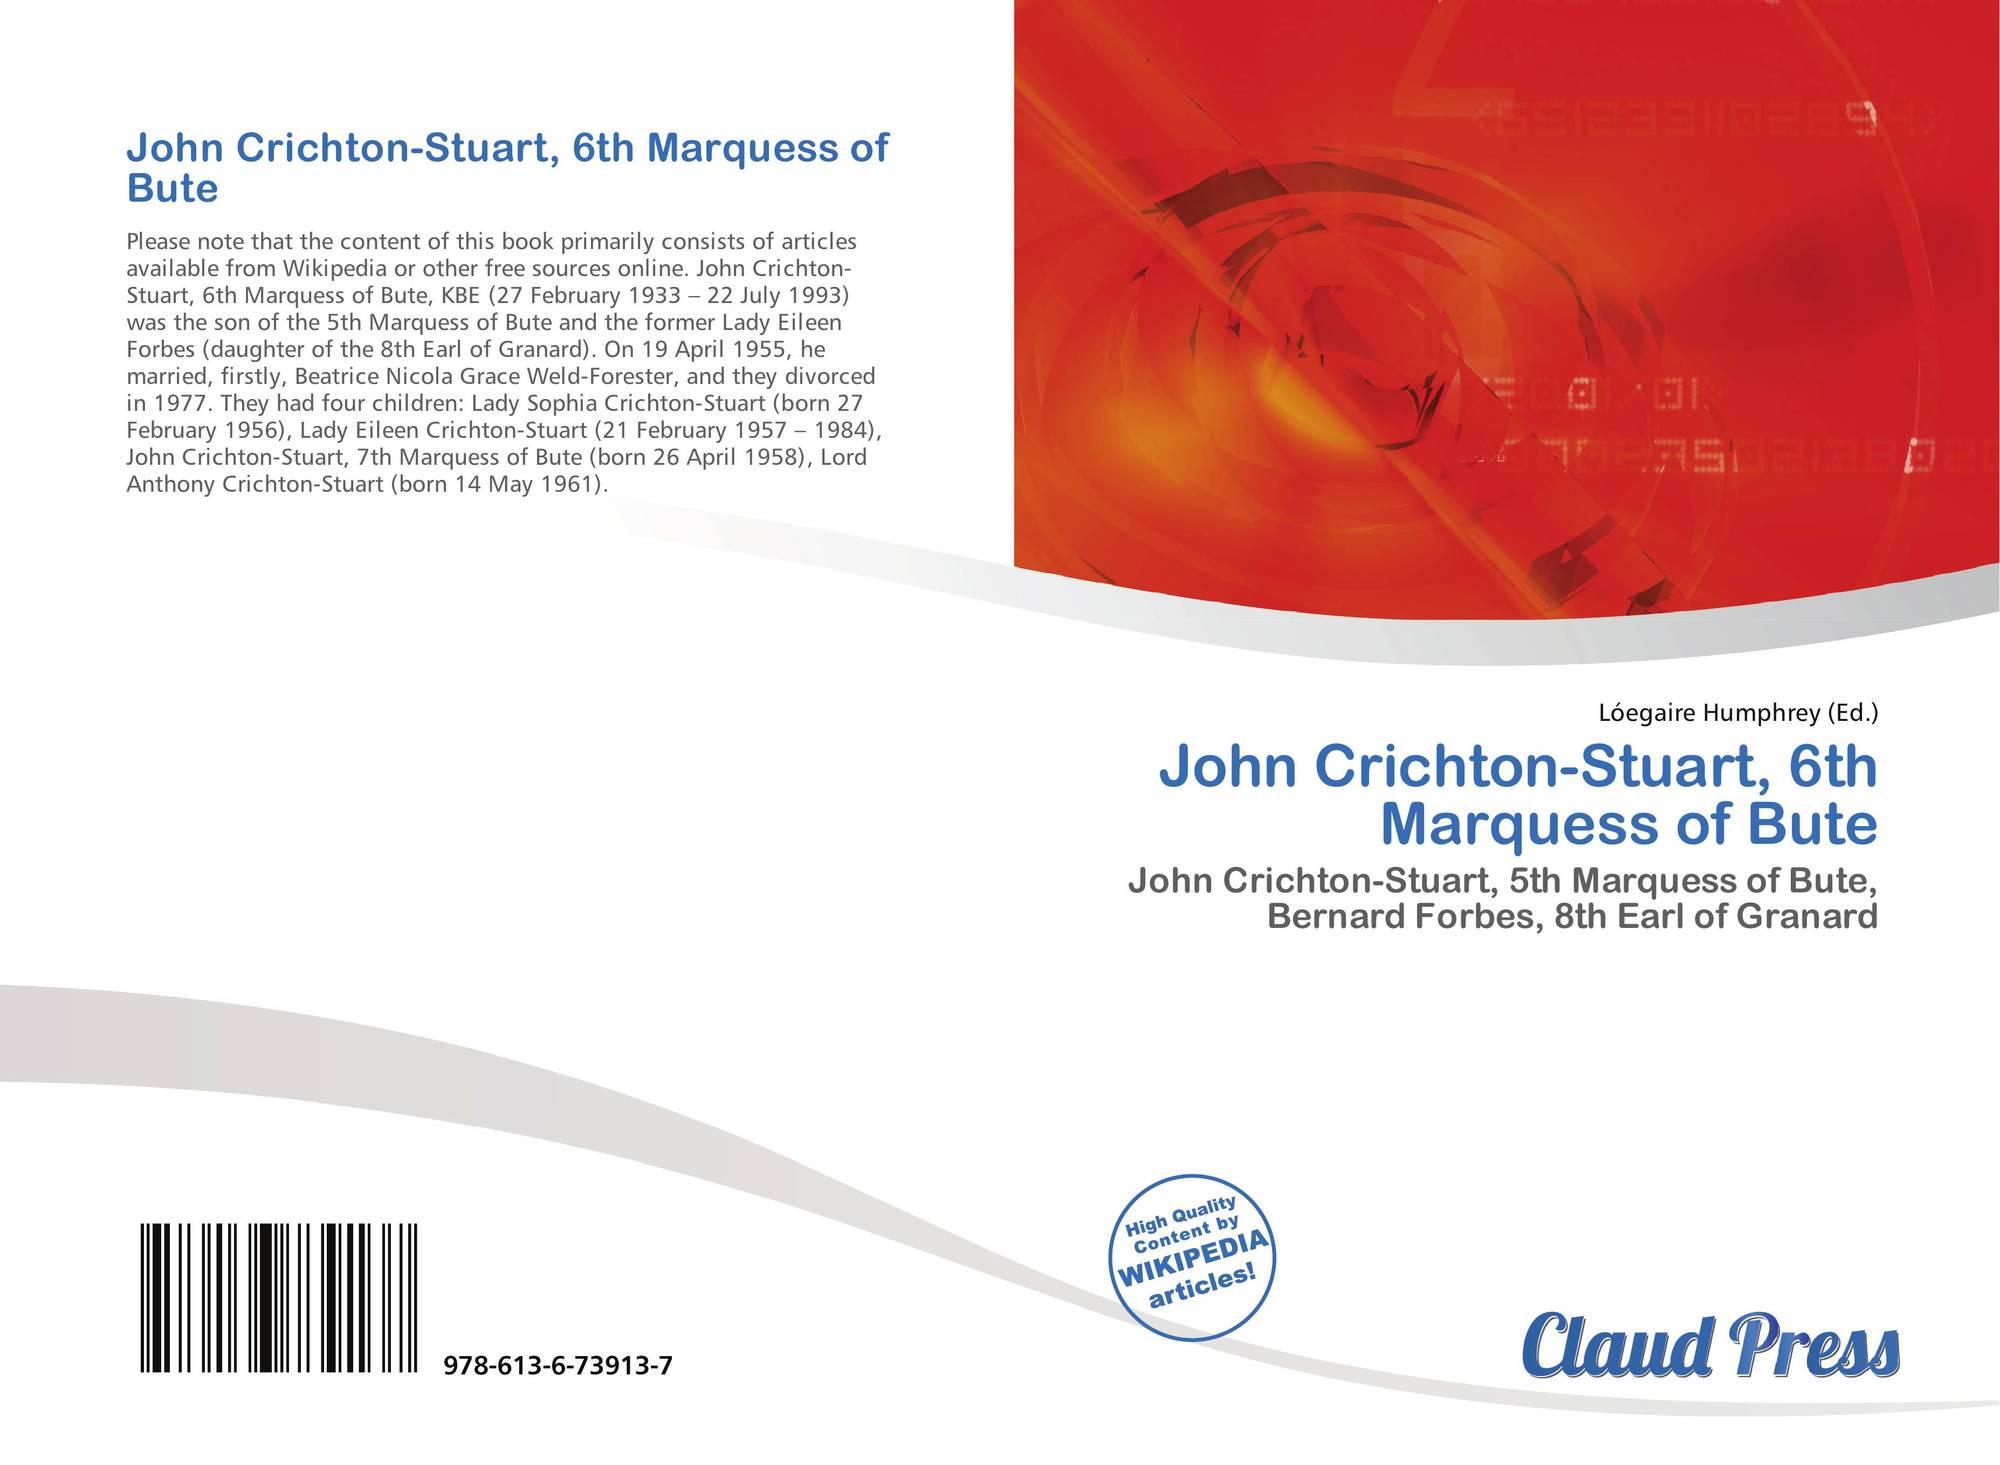 John Crichton-Stuart, 6th Marquess of Bute